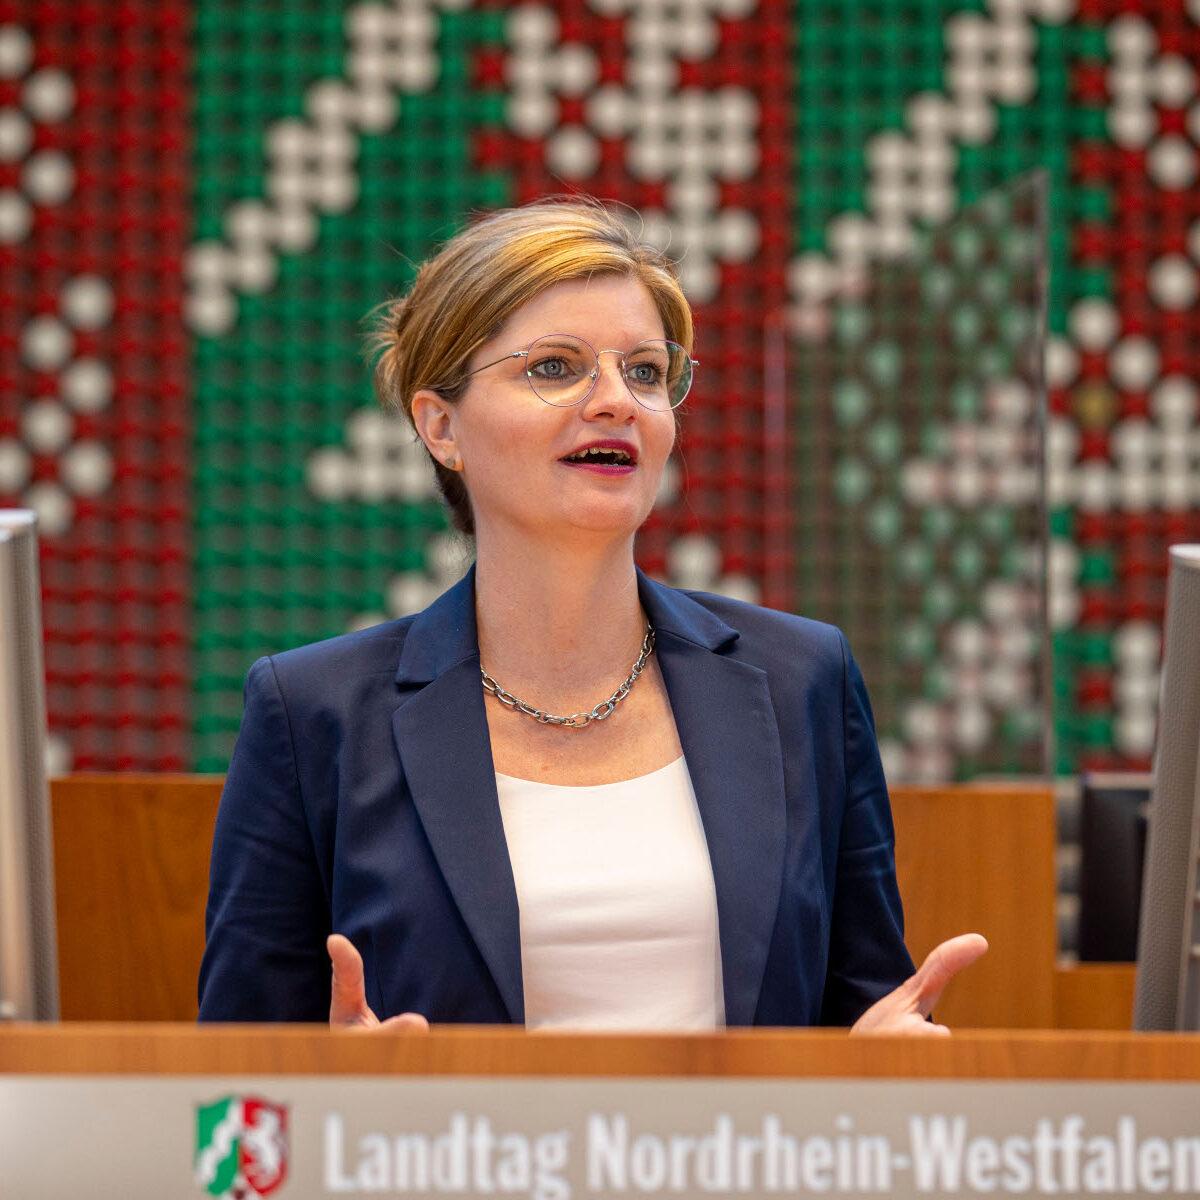 Sarah Philipp Landtag Nordrhein-Westfalen